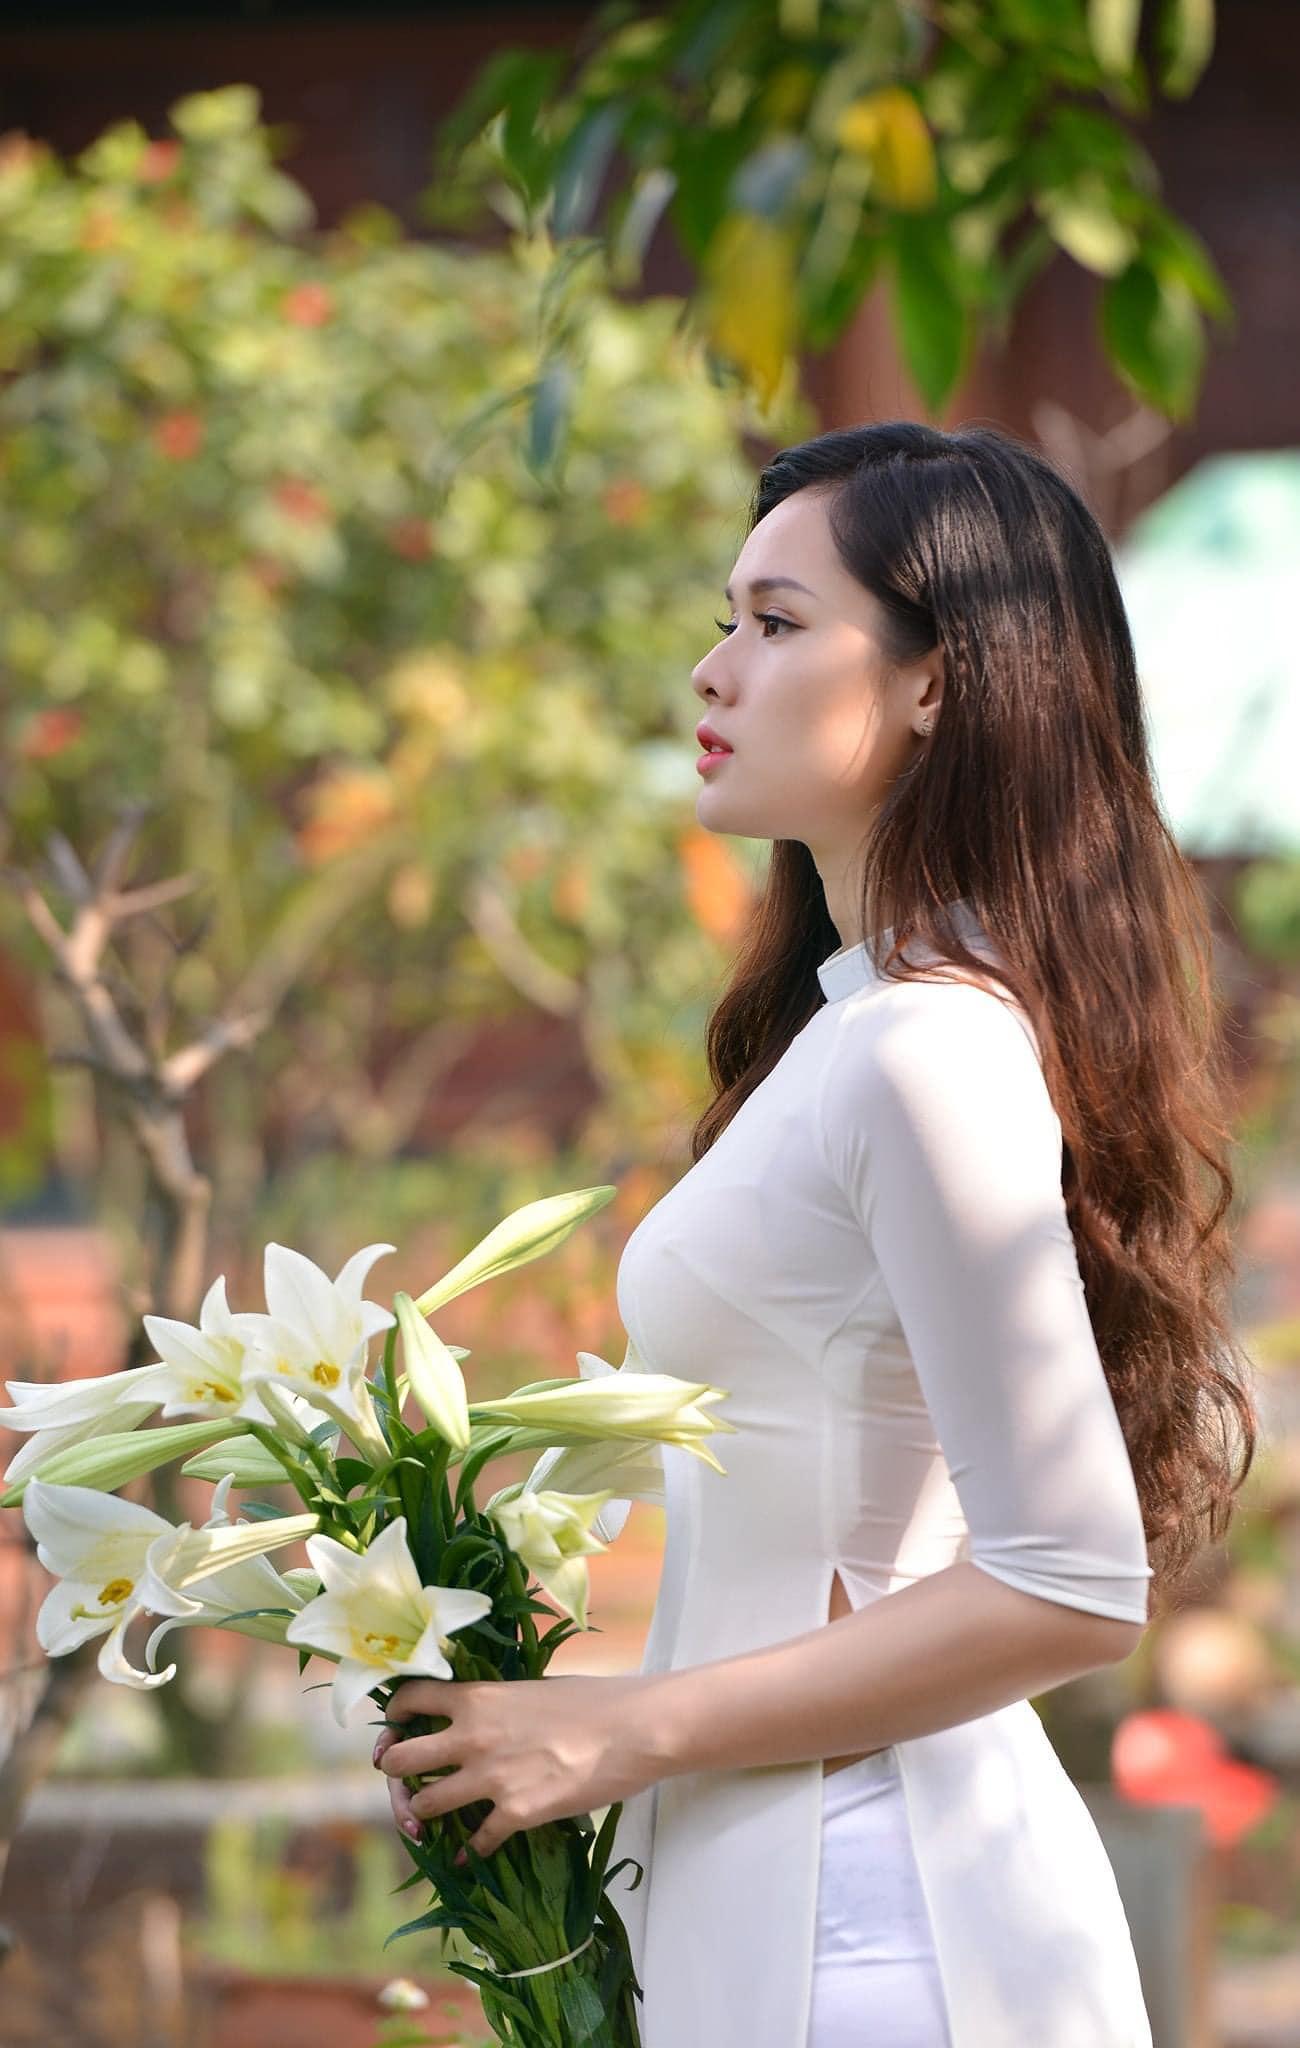 Tuyển tập girl xinh gái đẹp Việt Nam mặc áo dài đẹp mê hồn #57 - 6